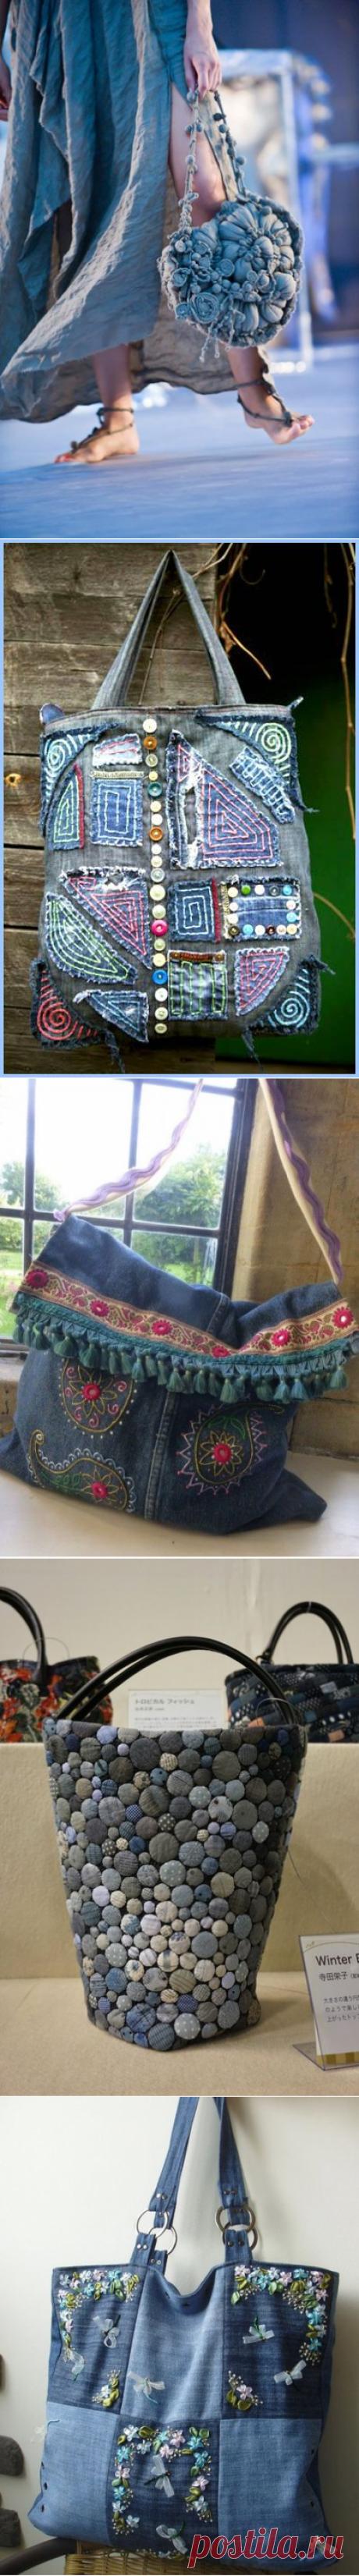 ¡Mi estilo - BOHO! Cosemos, tejemos, bordamos, creamos. Las ideas brillantes jeans para las bolsas